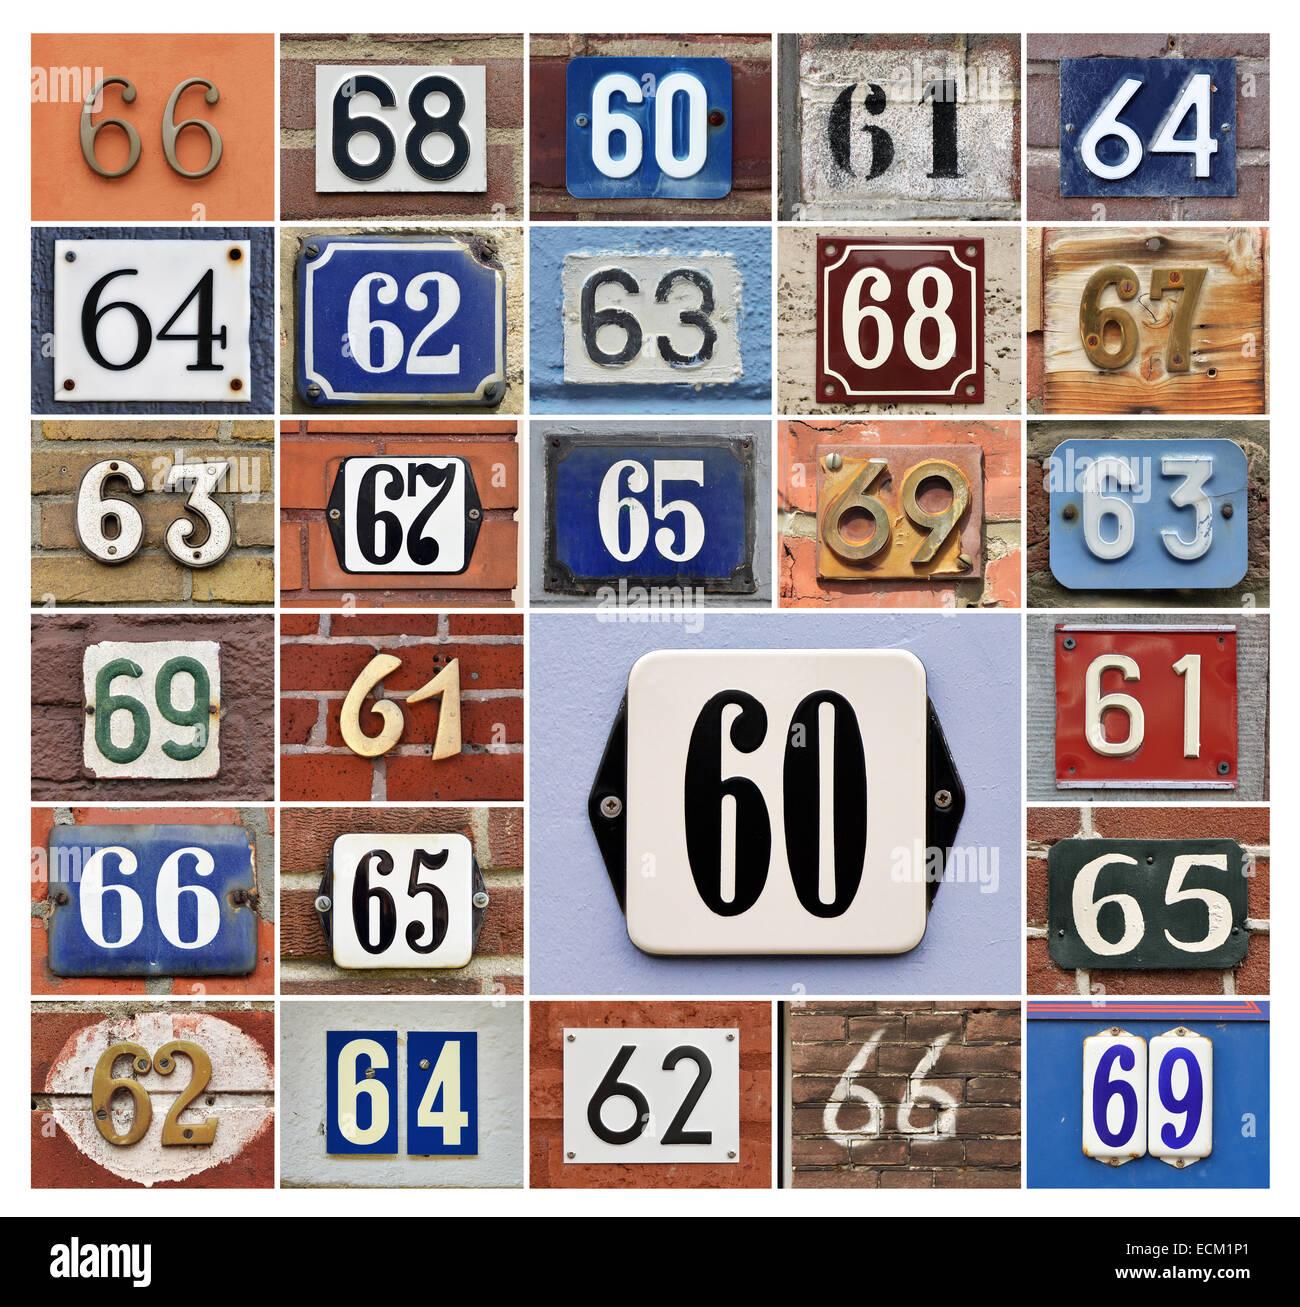 Collage de los números de la casa 60s Imagen De Stock